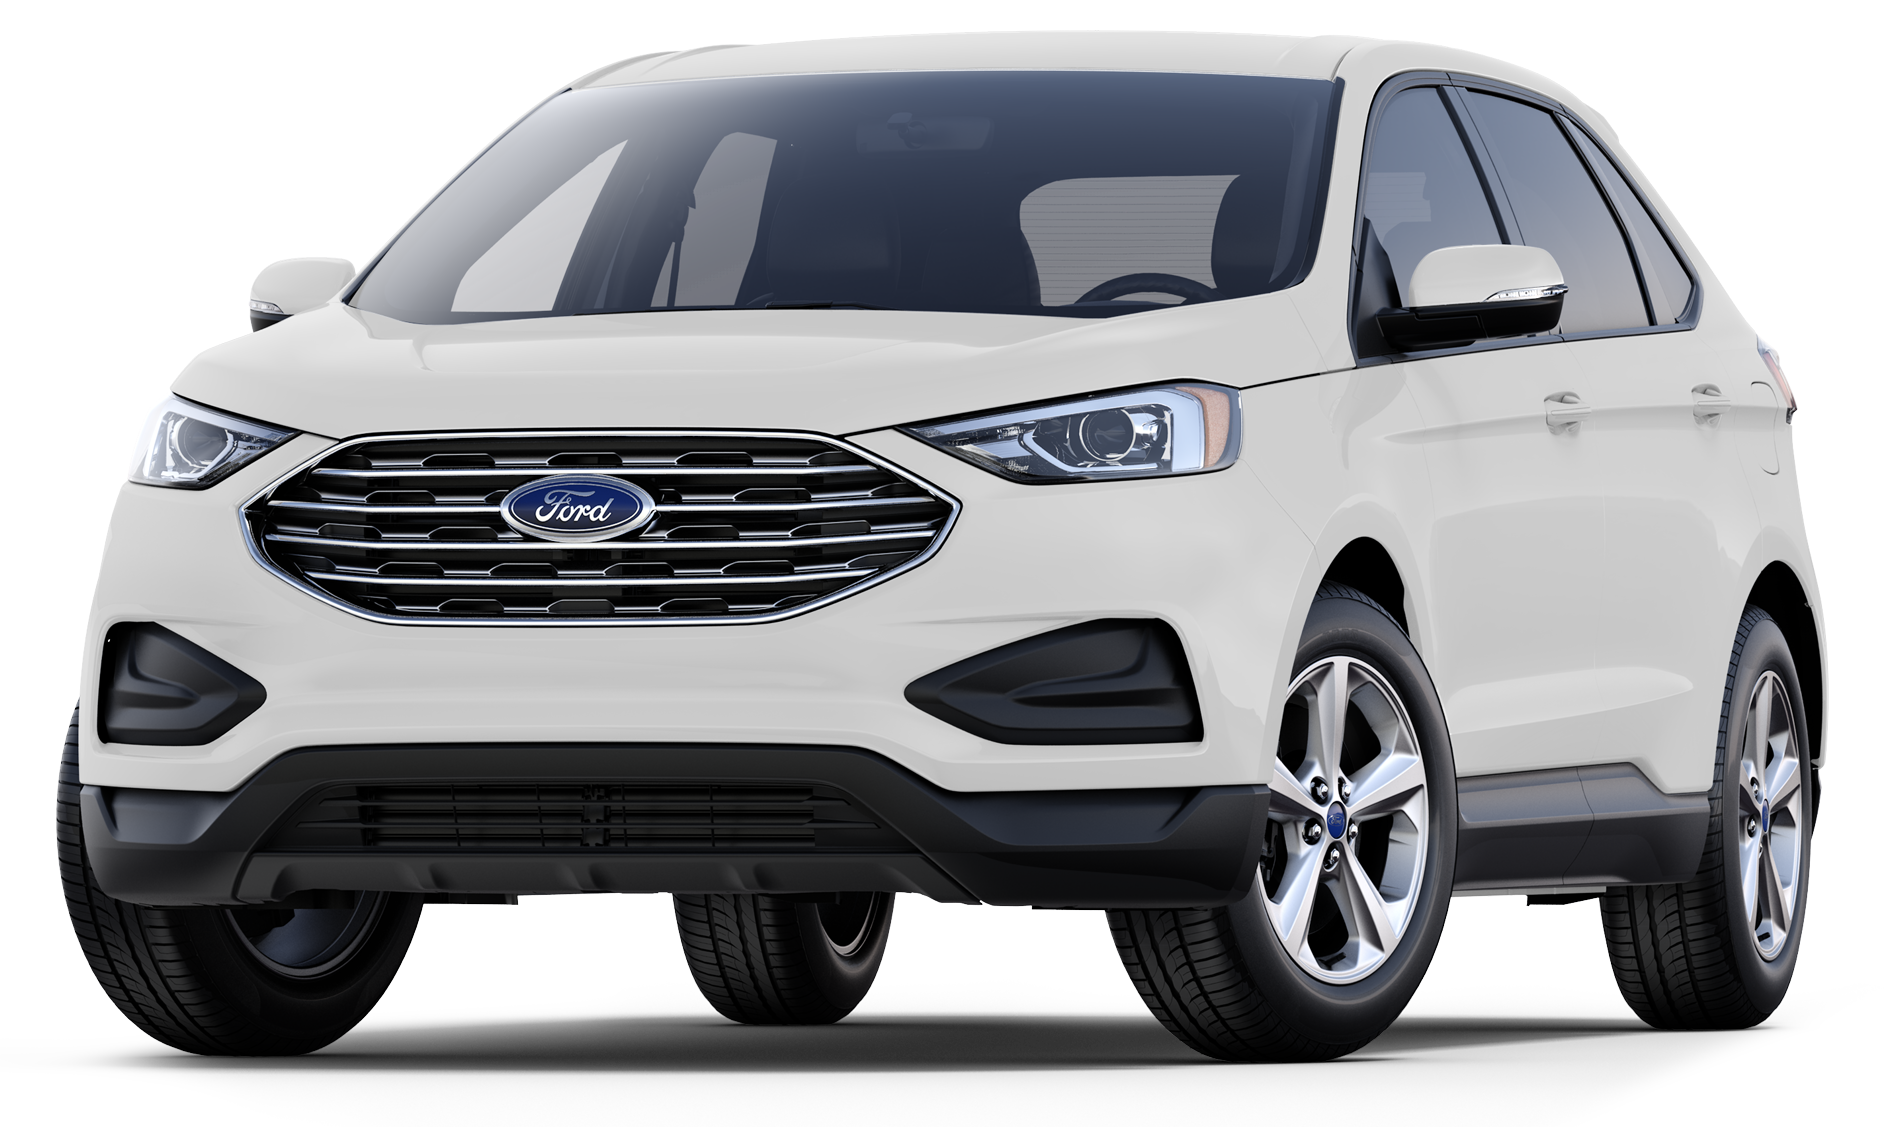 Alexander Ford Yuma Az >> 2019 Ford Edge Incentives, Specials & Offers in Yuma AZ